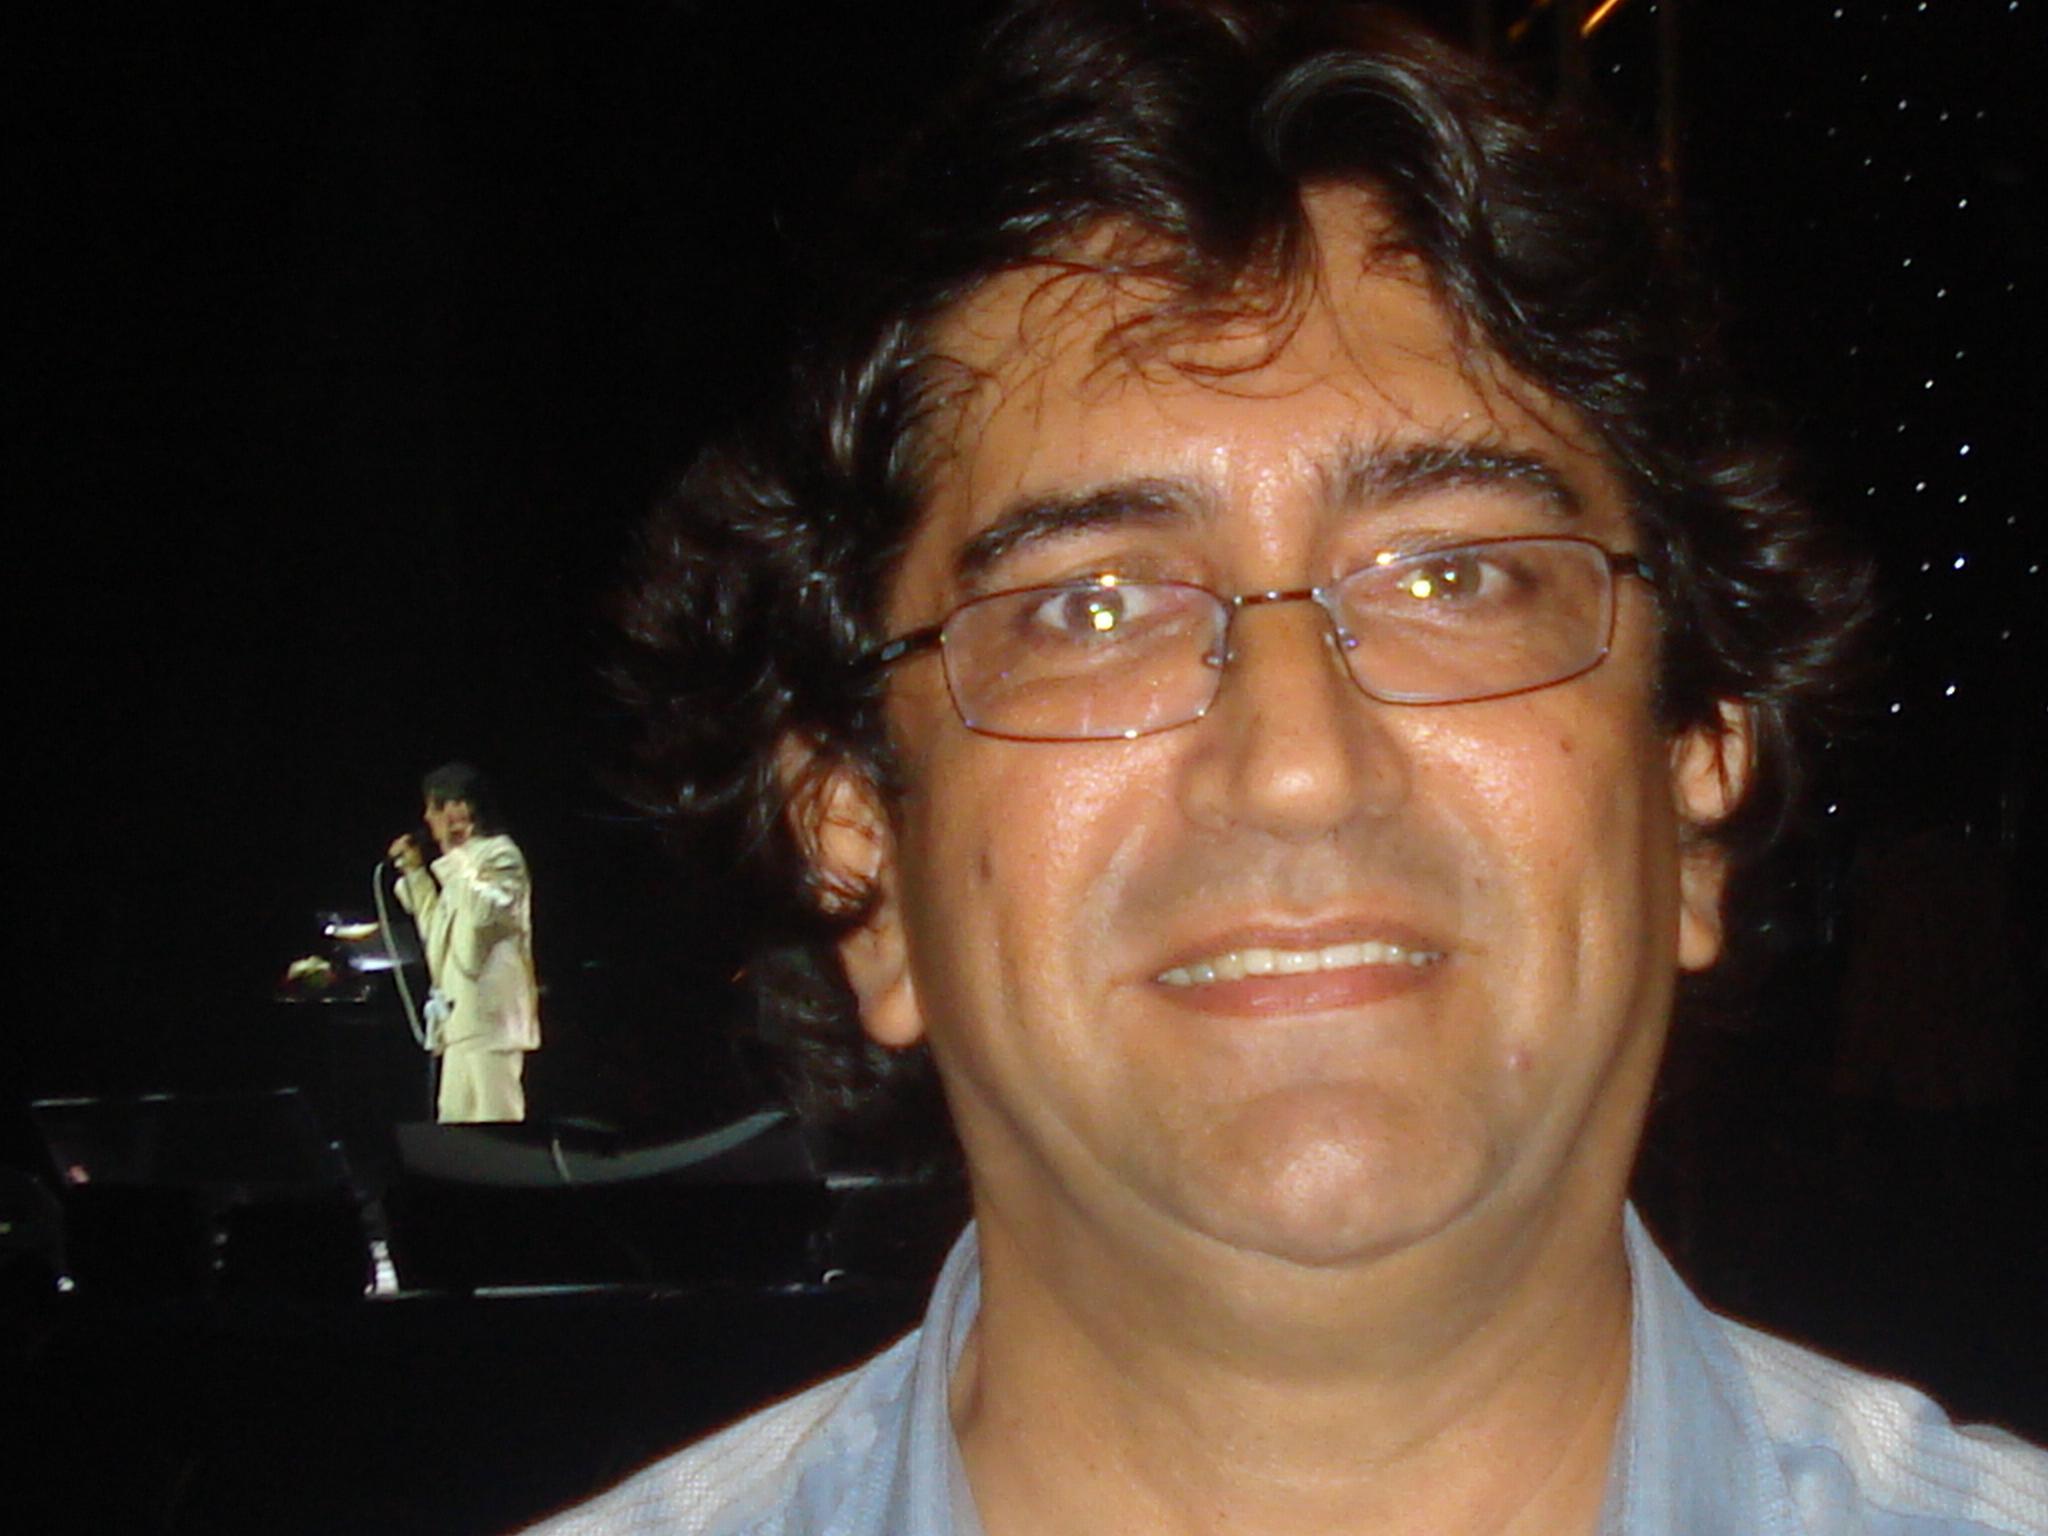 Eli Gomes de Araujo - Show do RC no Machadinho em Natal-RN em 04/06/2009